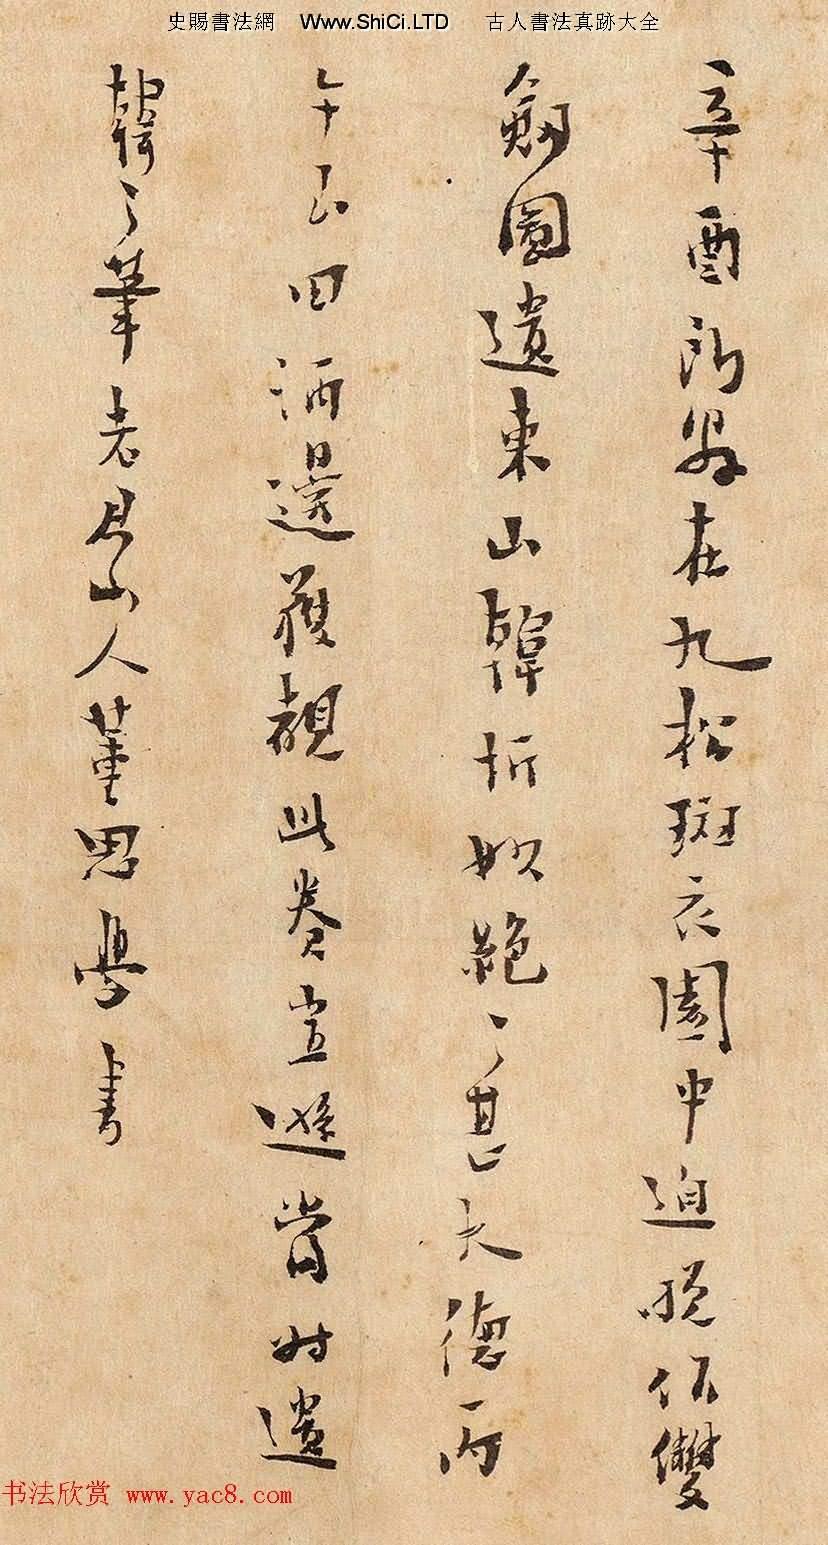 元代董思學書法題跋九龍圖